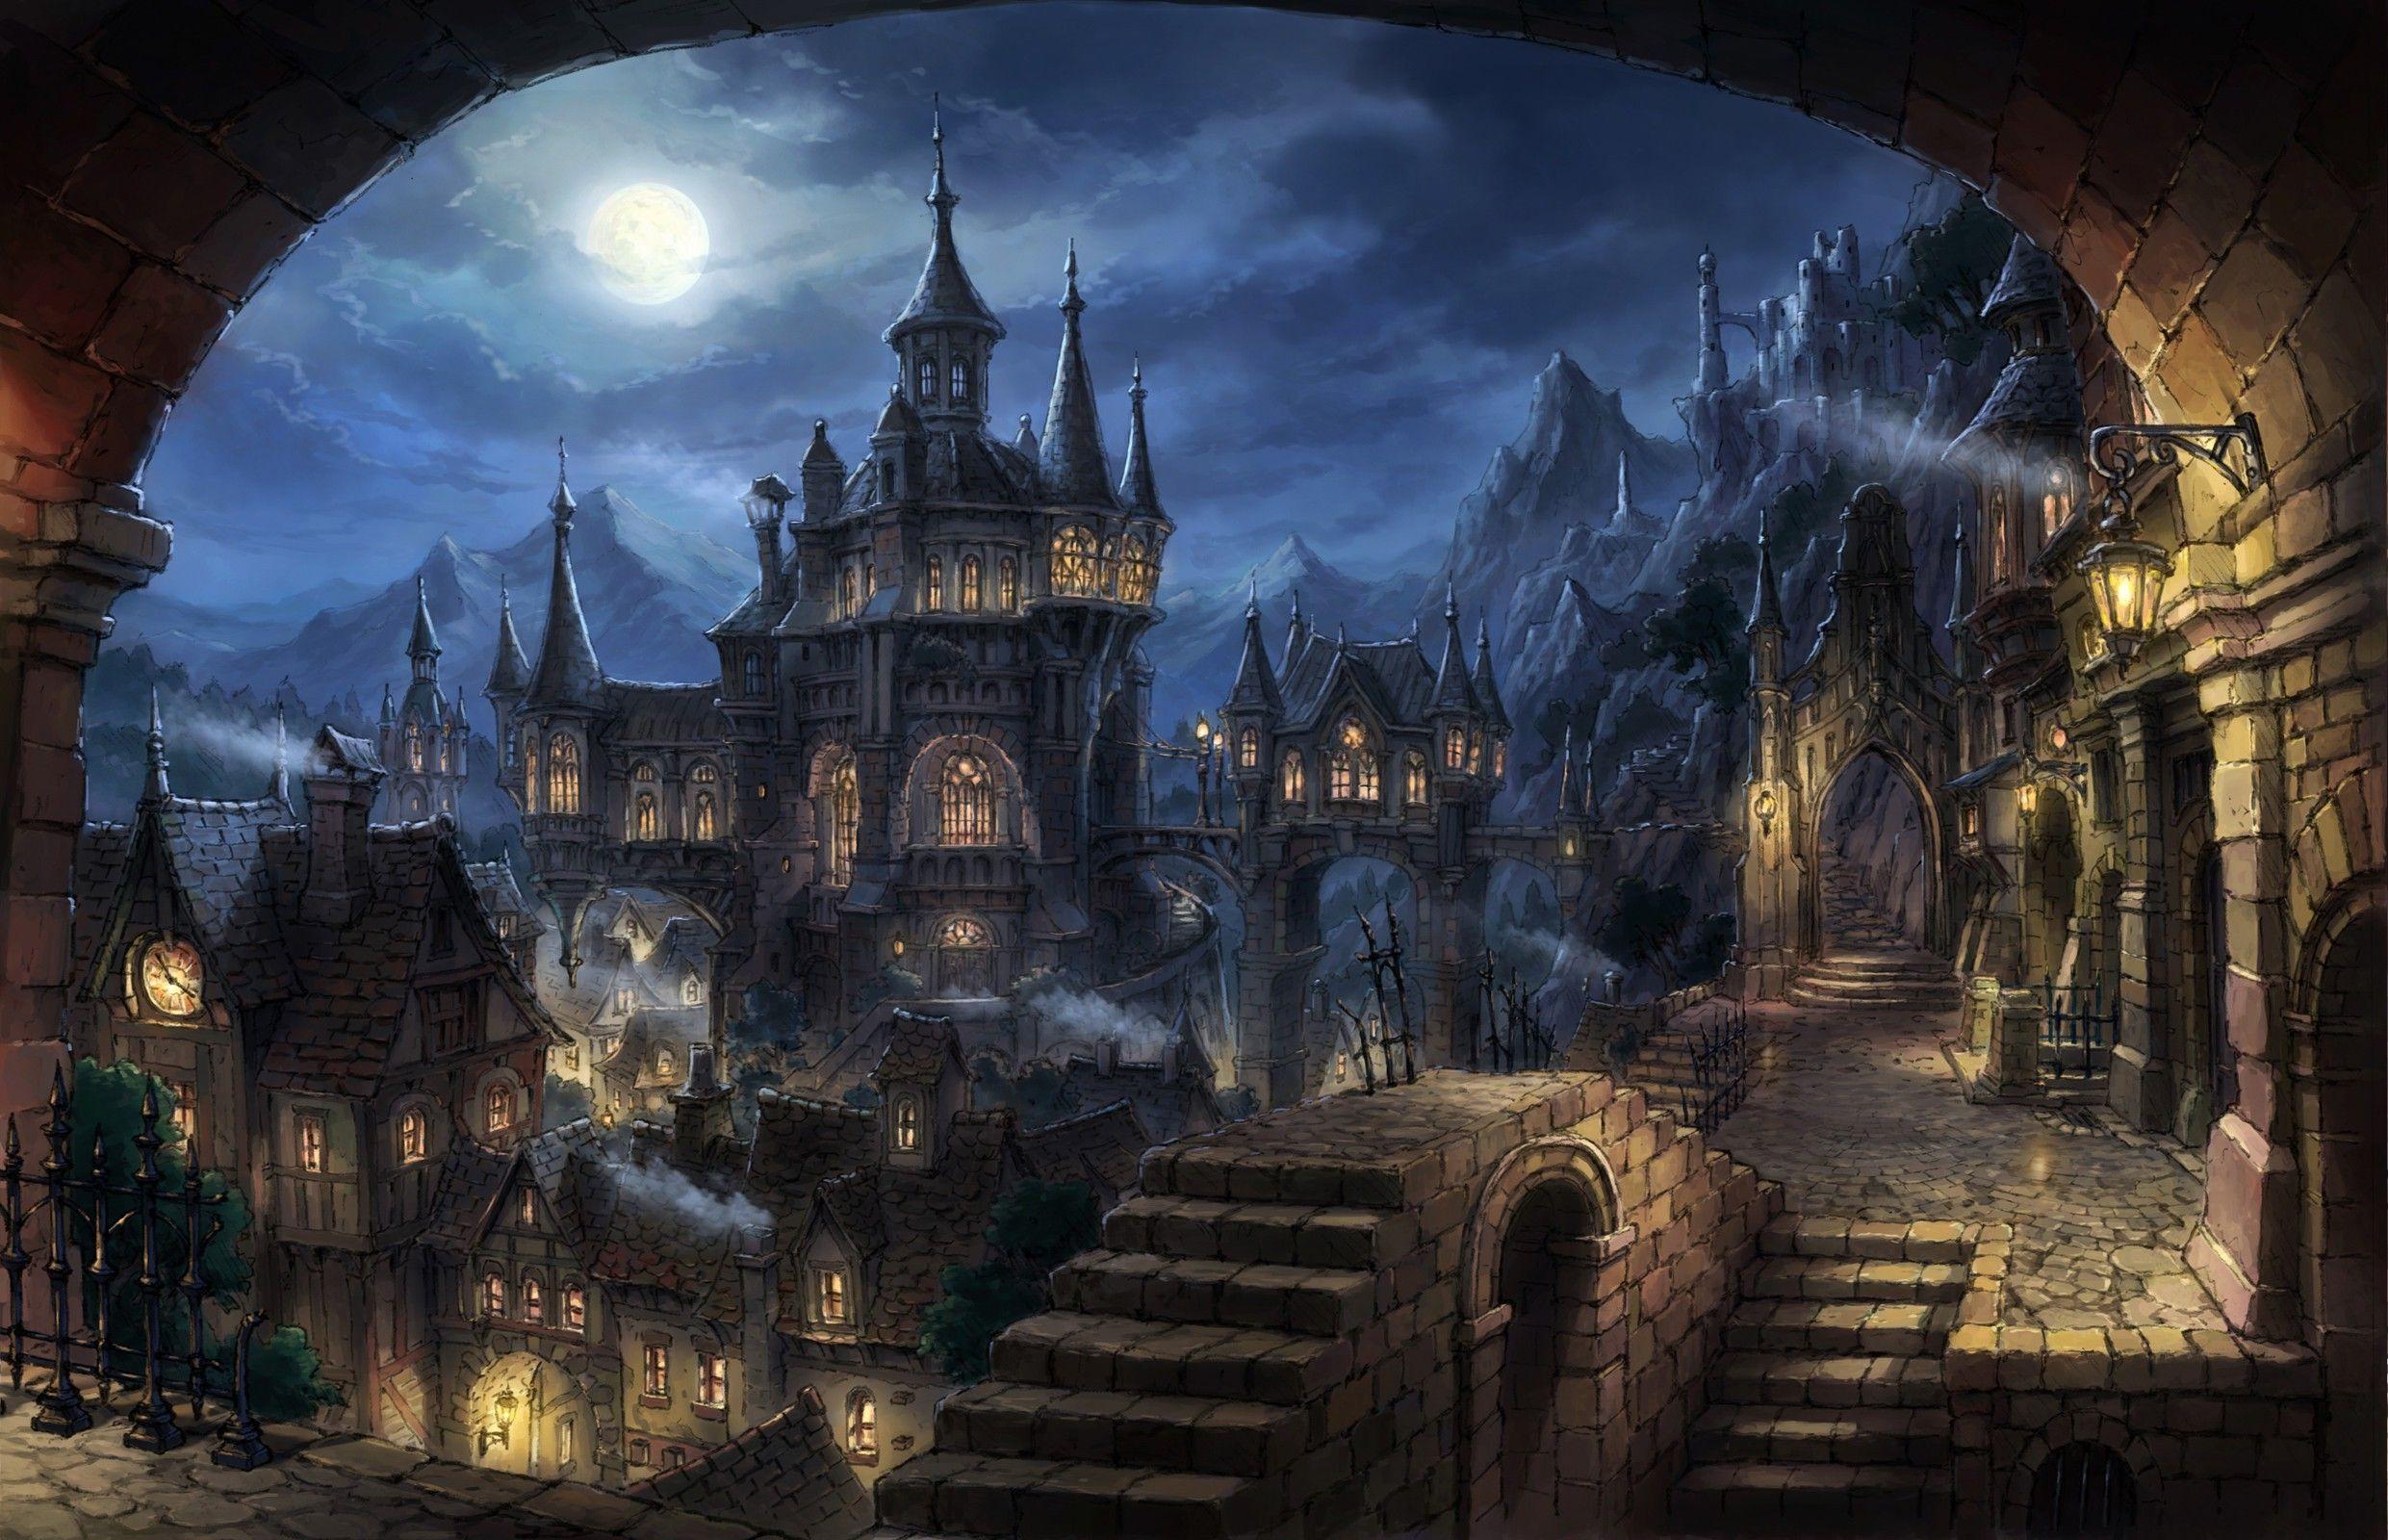 Cityscape Dark Fantasy Fantasy Art Wallpaper Hd